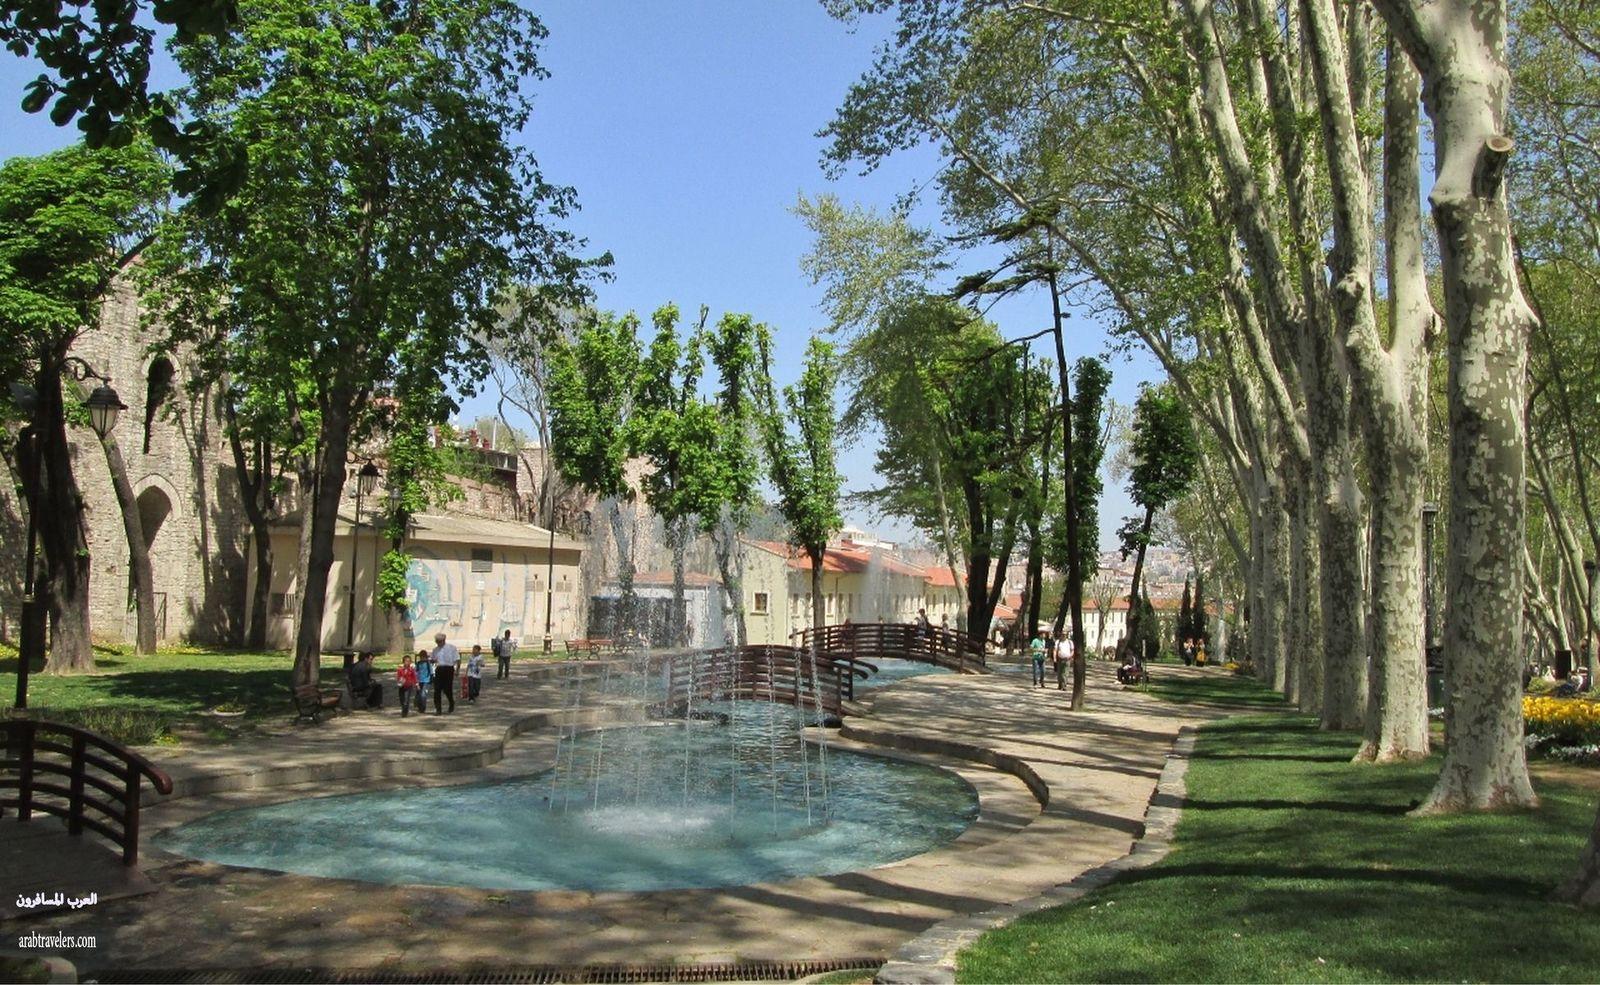 411075 المسافرون العرب اجمل صور حدائق تركيا